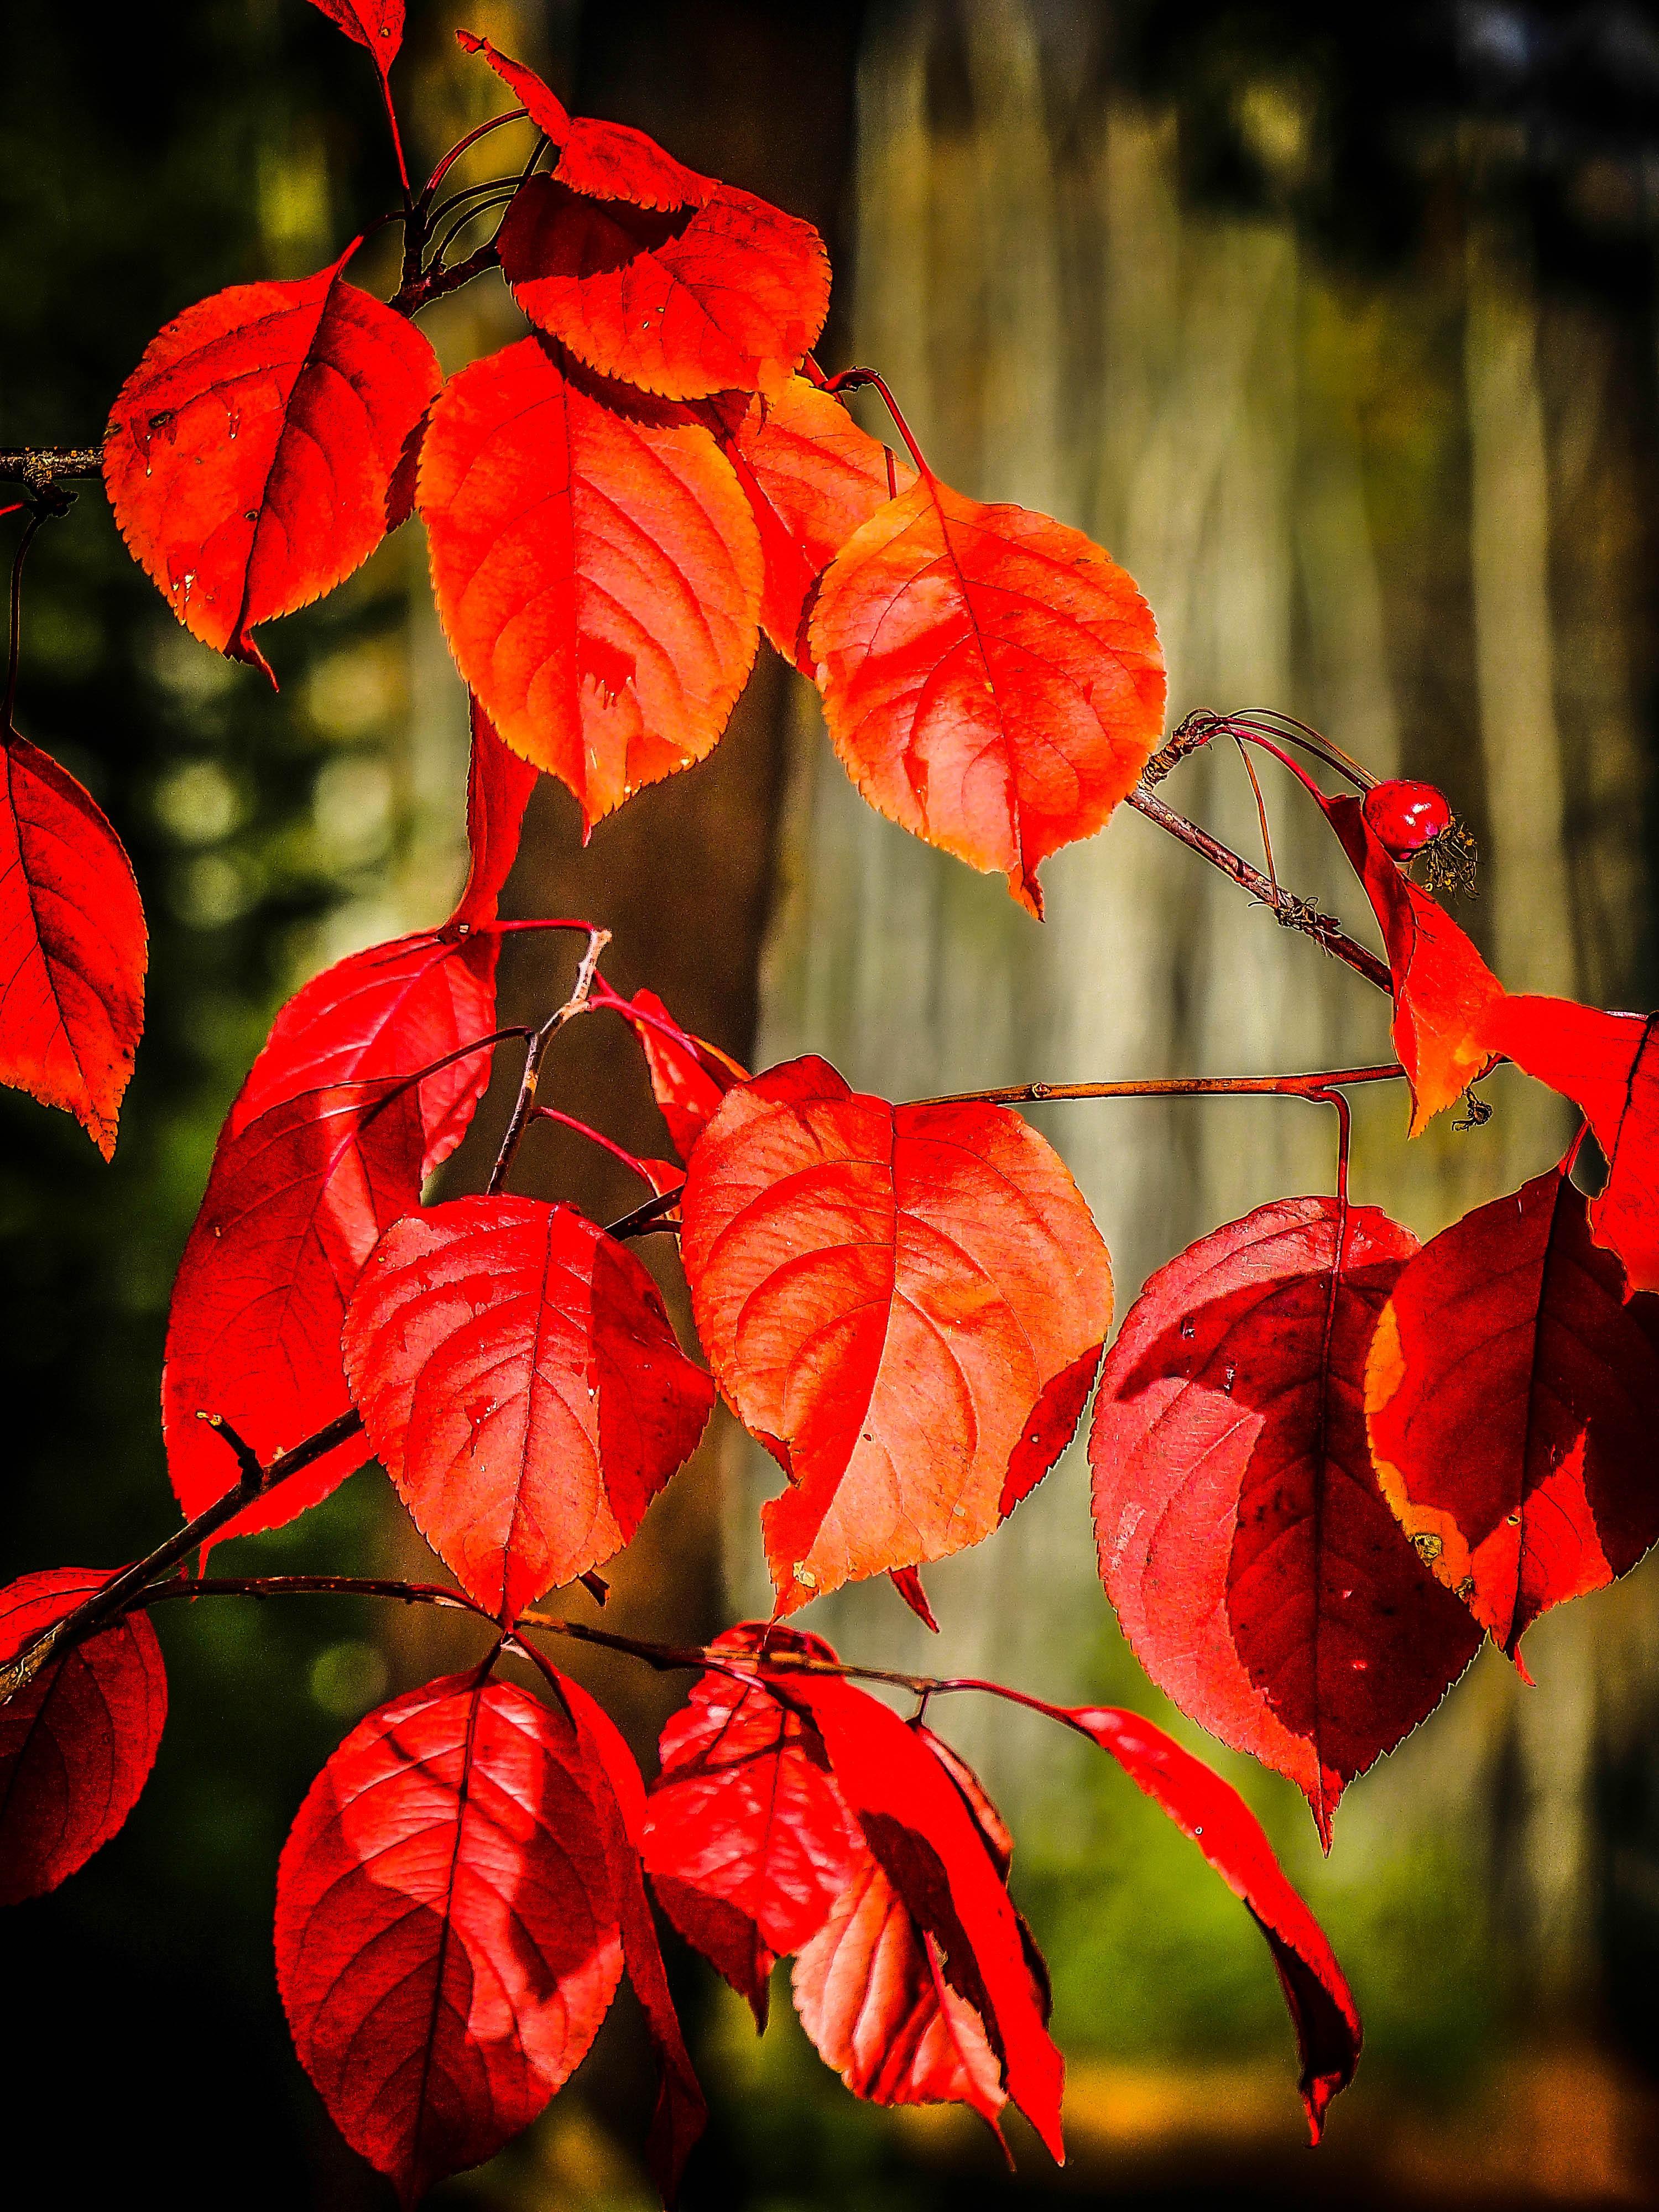 images gratuites : arbre, la nature, forêt, branche, feuille, tomber